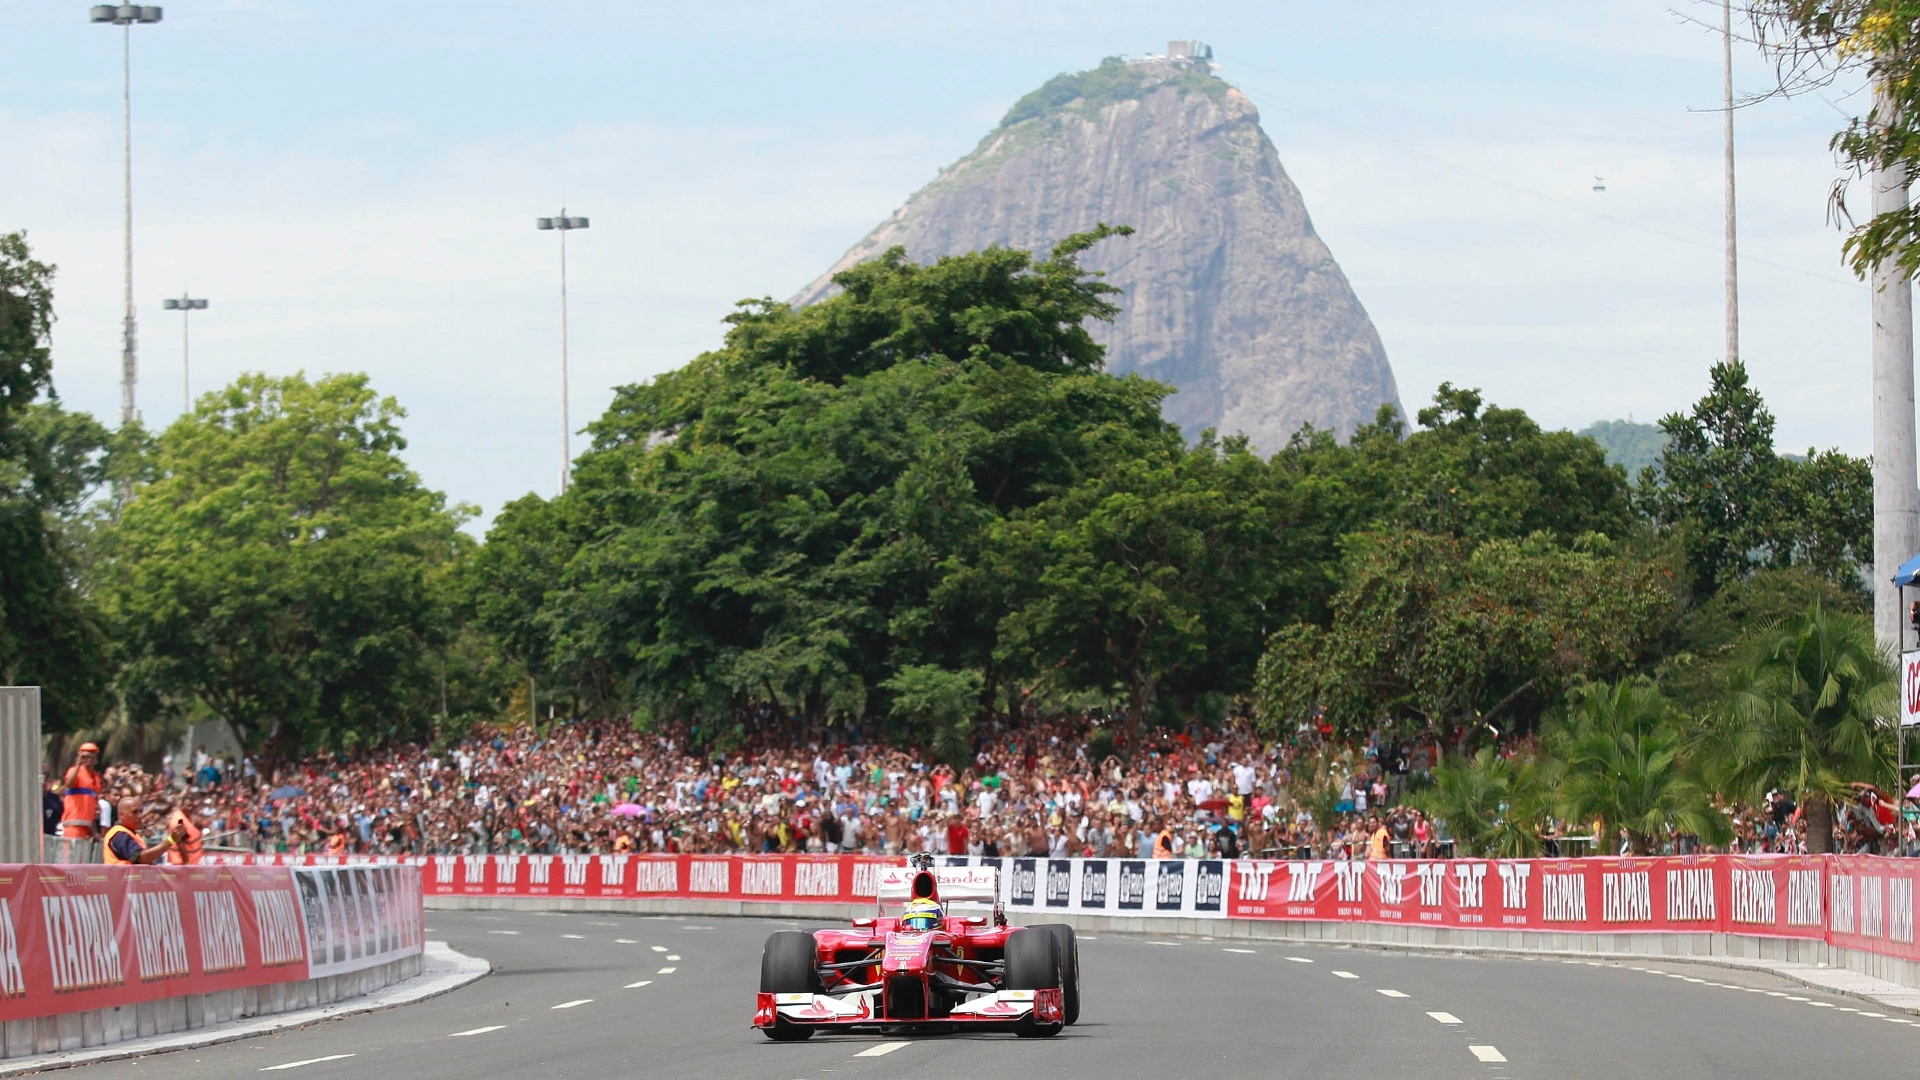 10.mar.2013 - A Ferrari de Felipe Massa é conduzida pelo piloto pelas ruas do rio de Janeiro, que ficaram tomadas pela presença do público